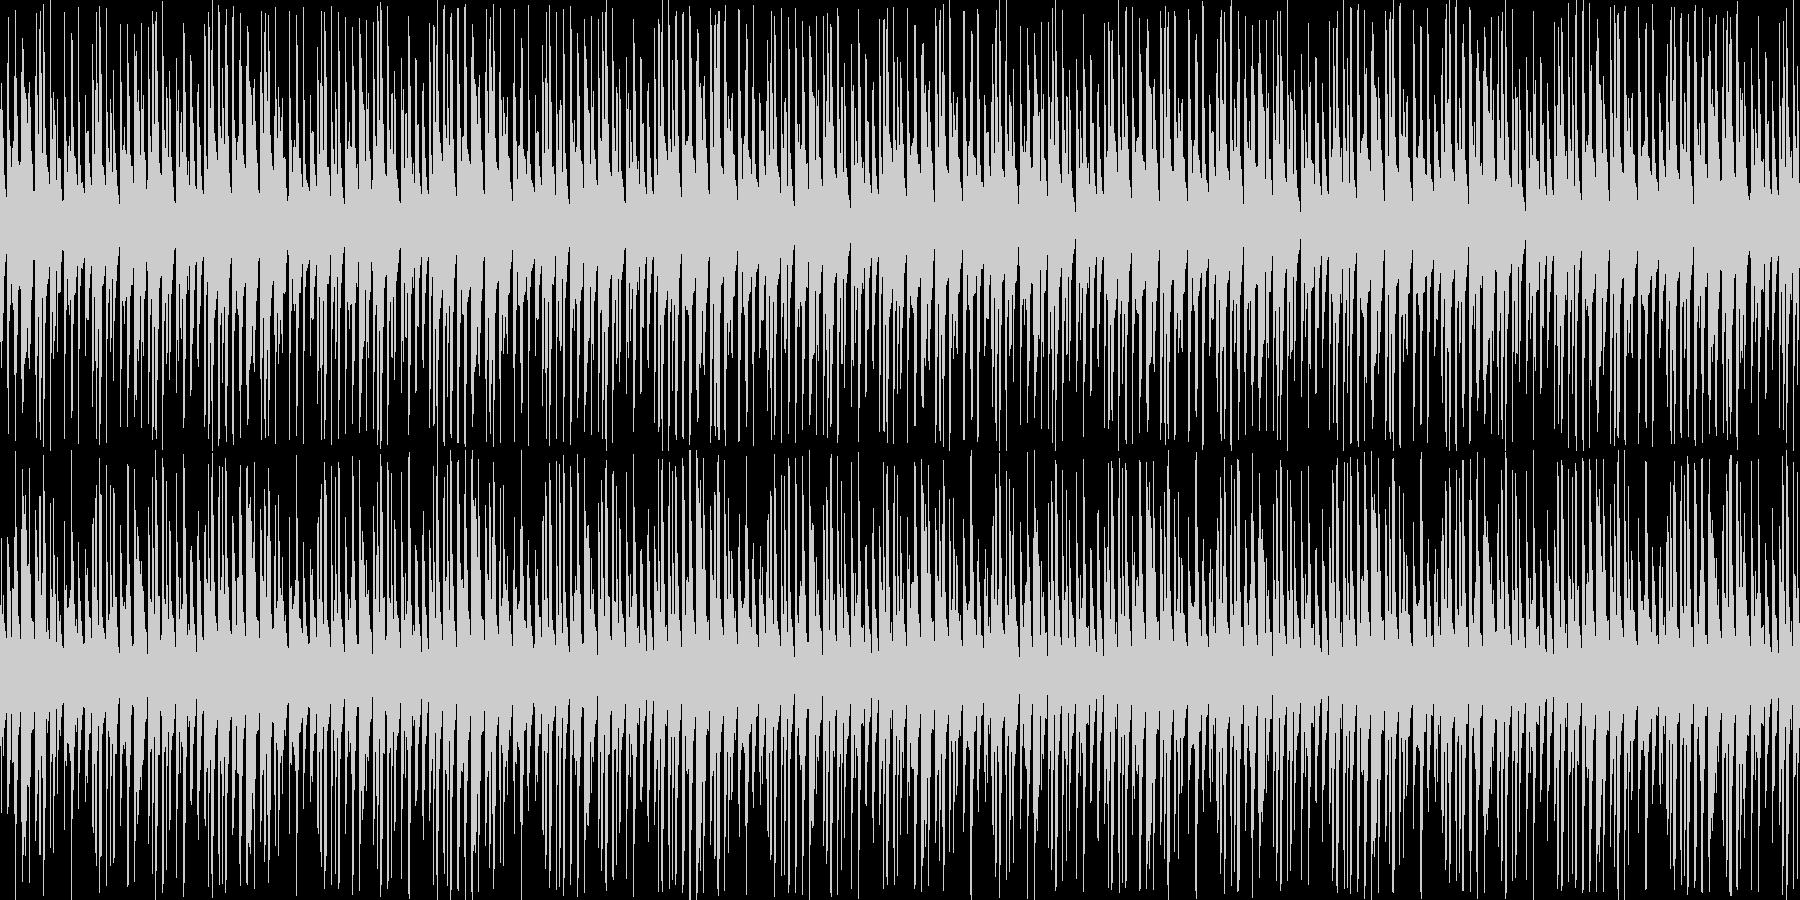 【ポップで可愛いクラブサウンド】の未再生の波形